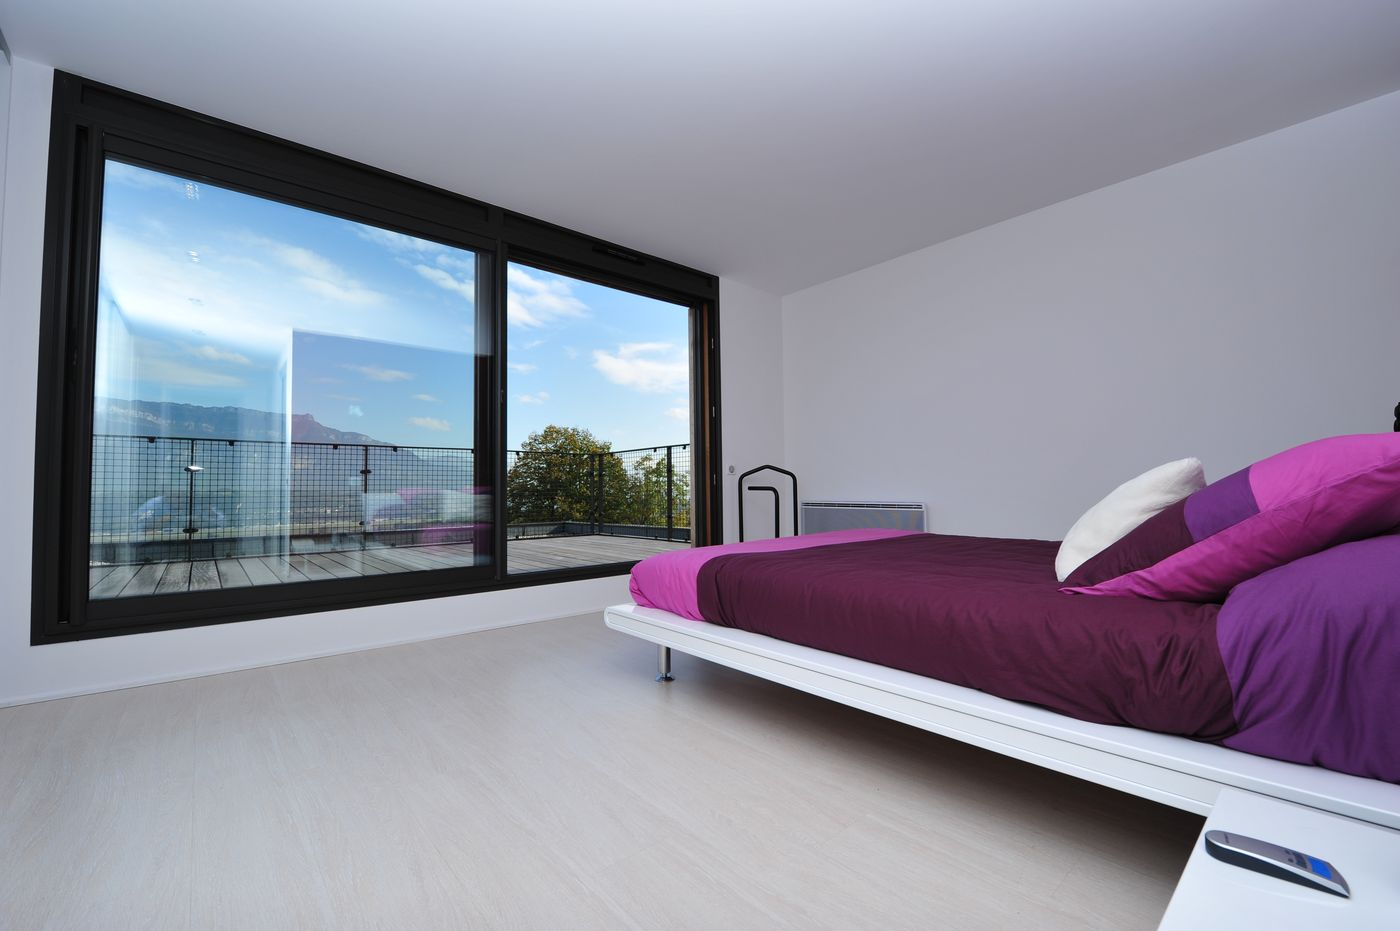 большое окно в спальне с фиолетовой кроватью